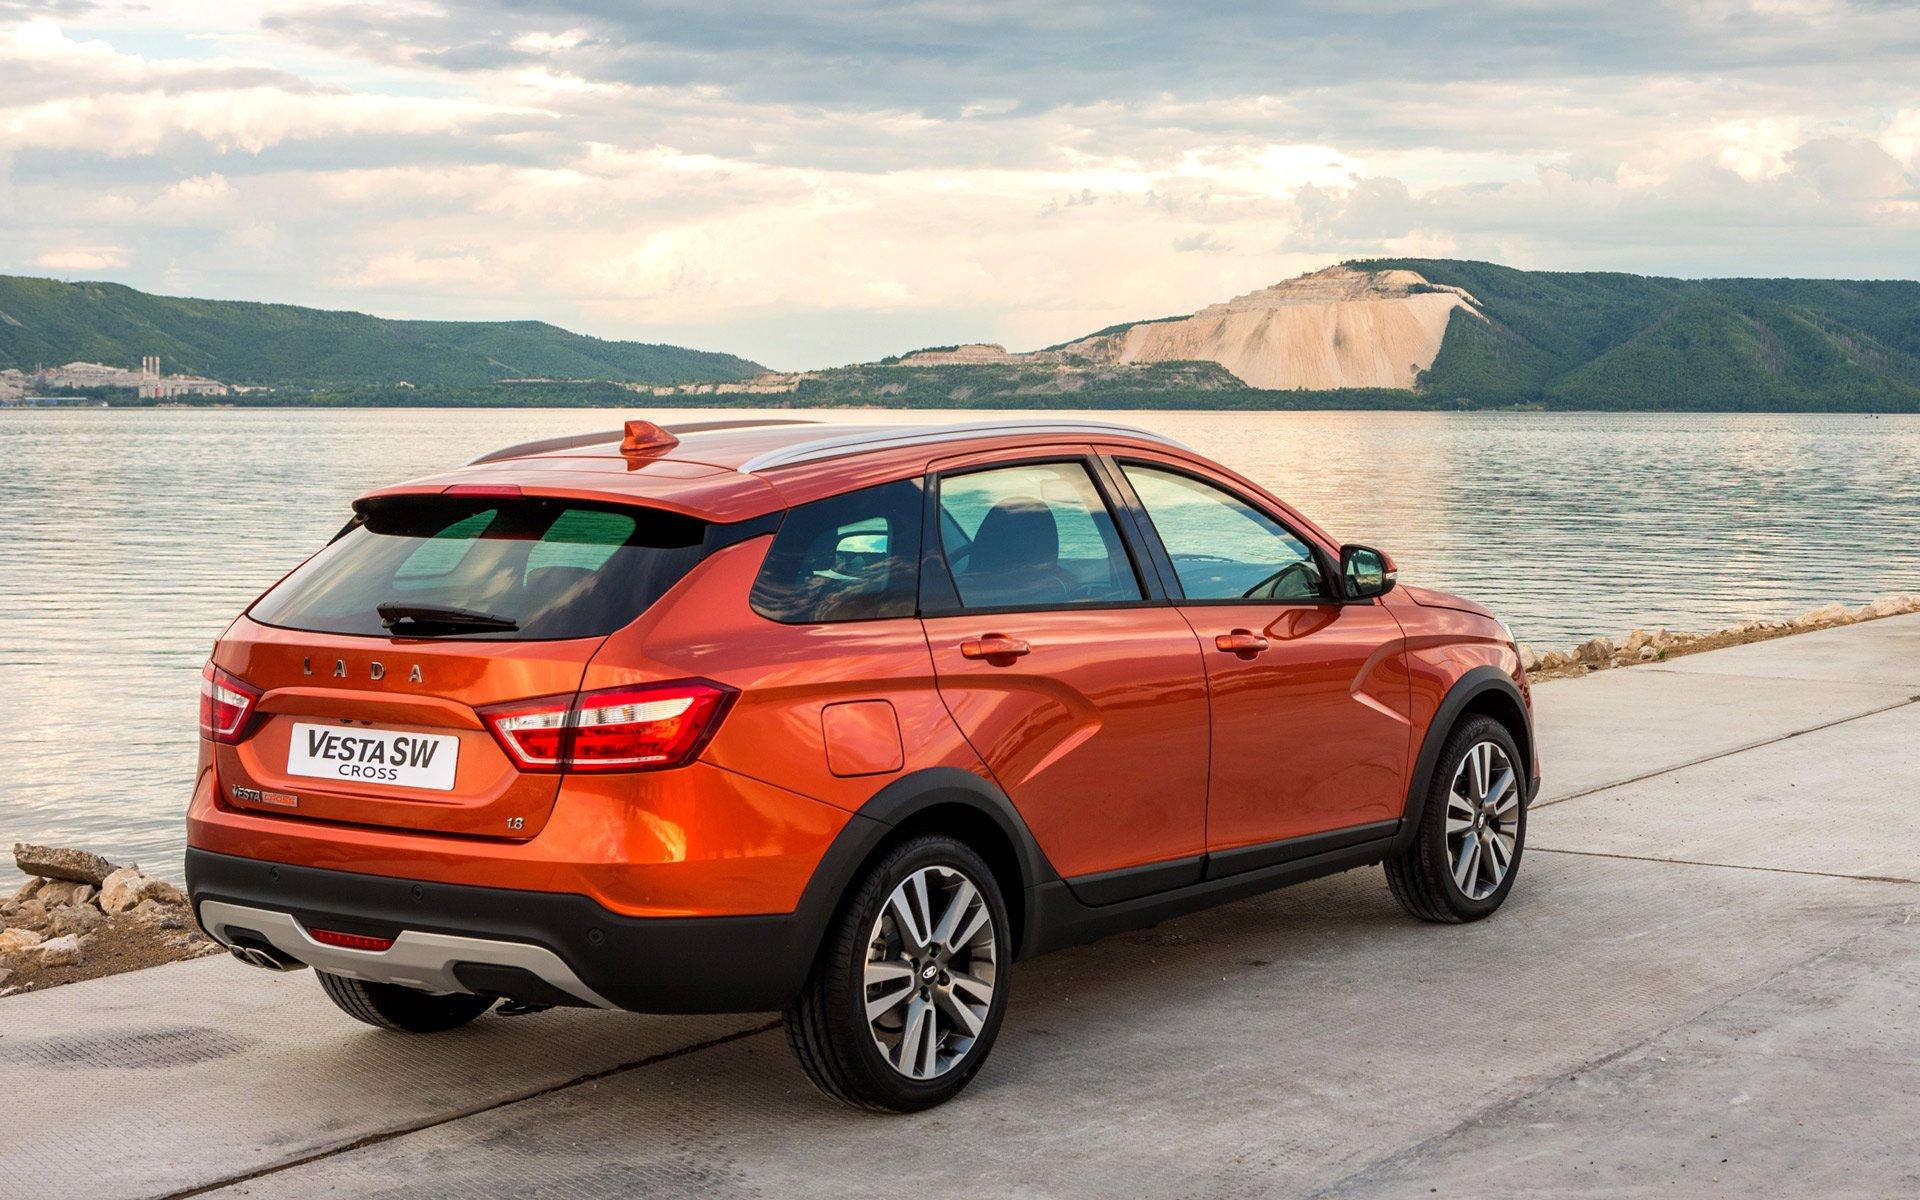 Лада Vesta Cross стала лучшим компактным автомобилем в РФ